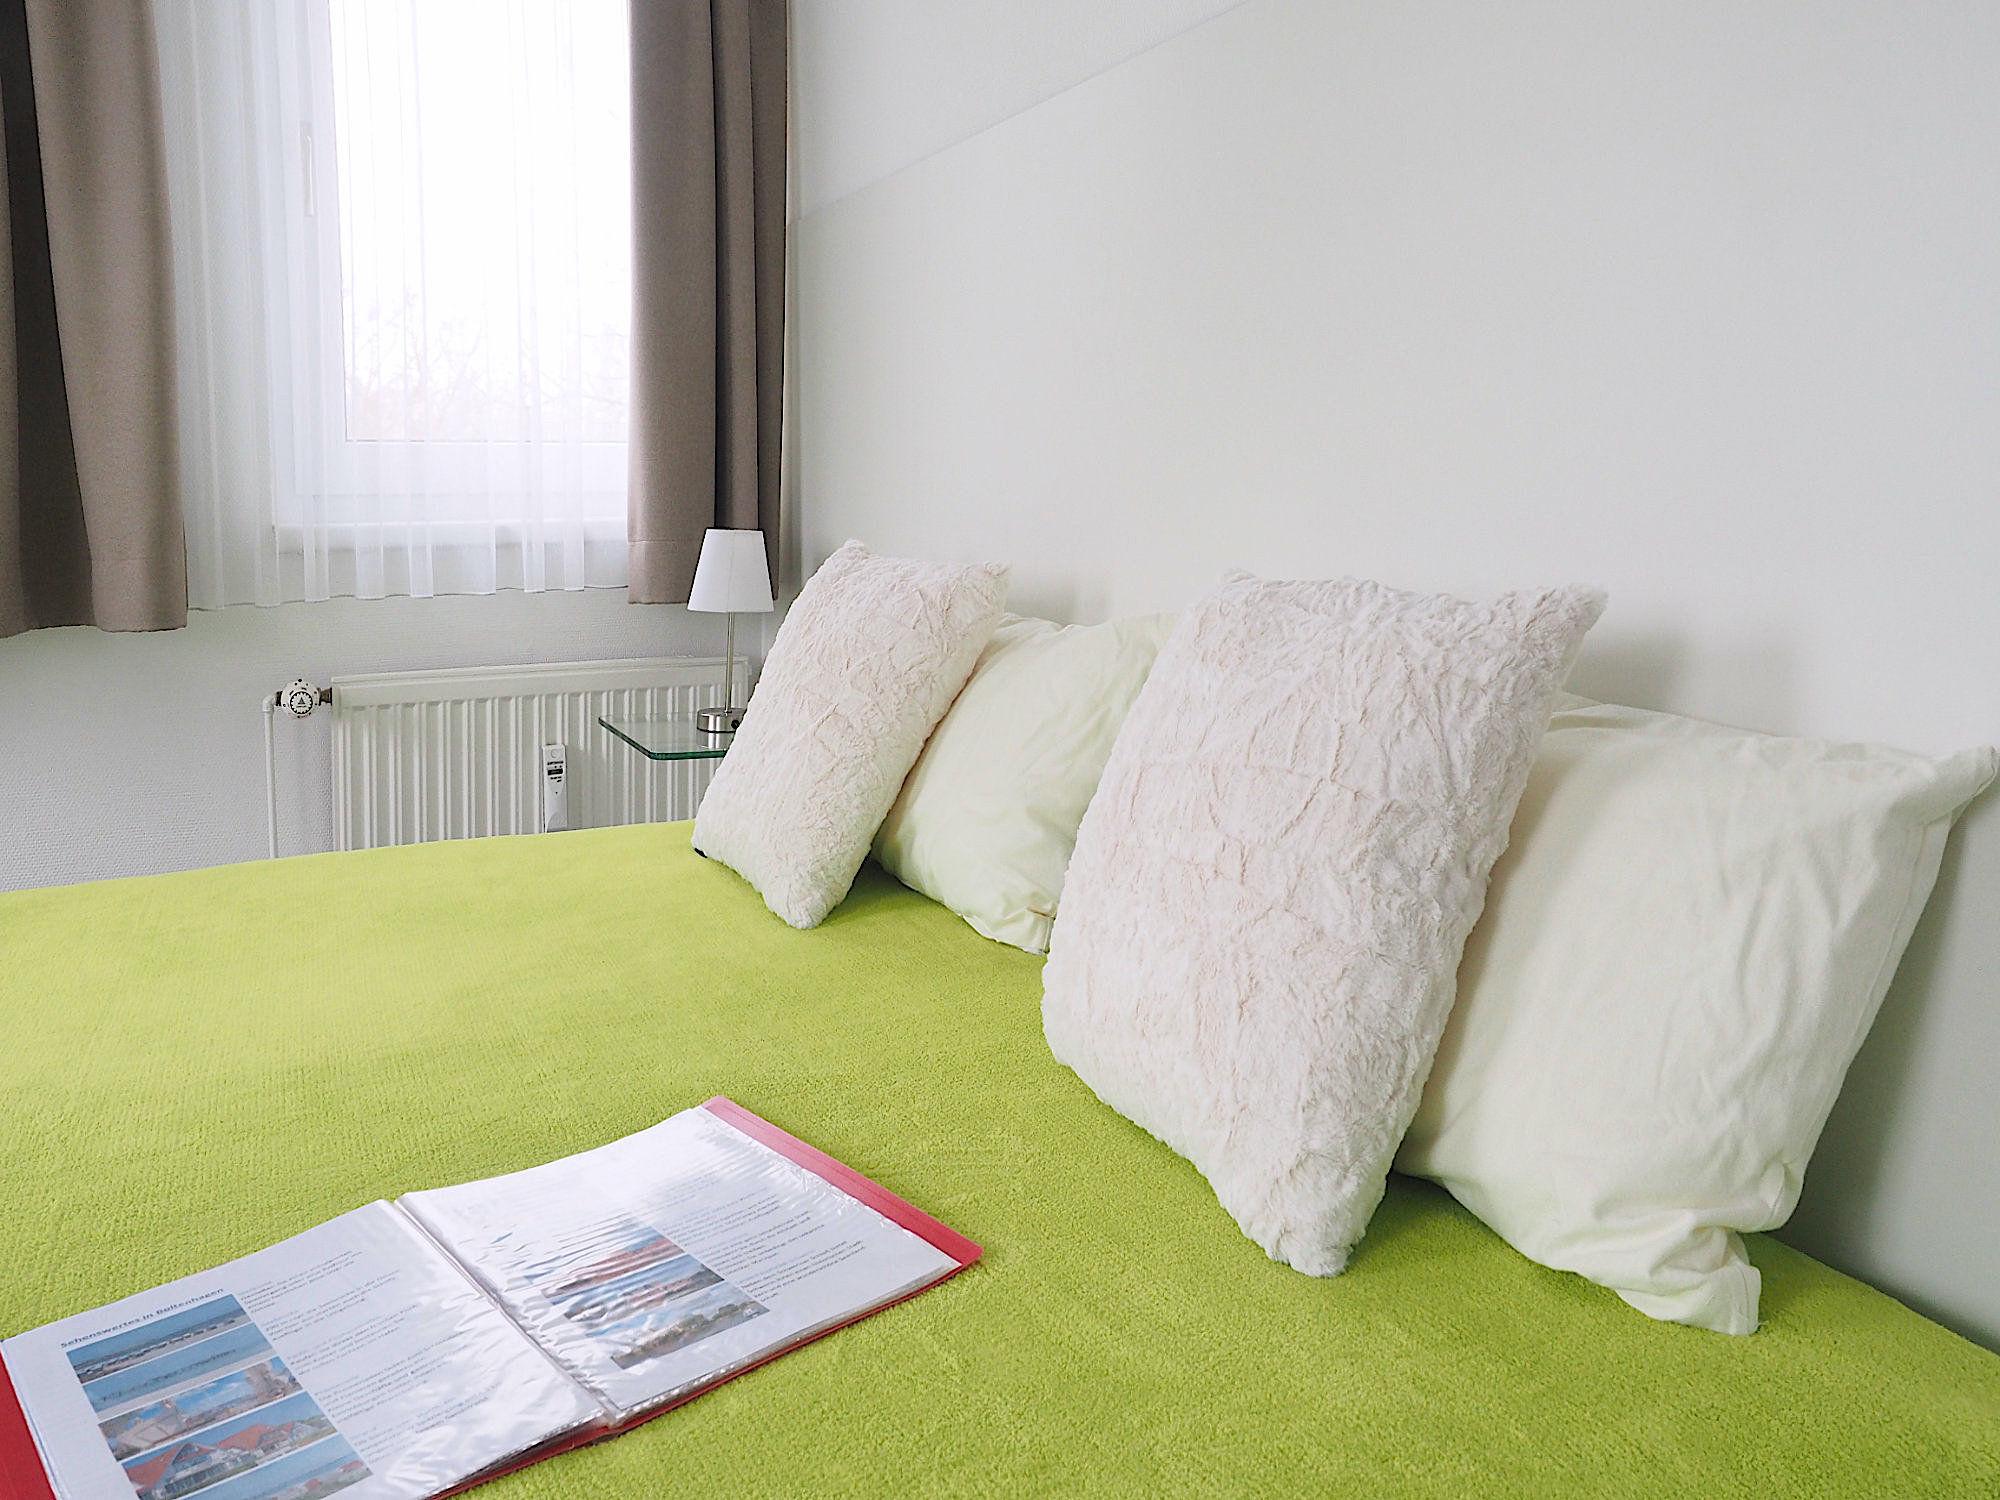 Zweites Schlafzimmer mit Doppelbett, Kopfteil mit Kopfkissen